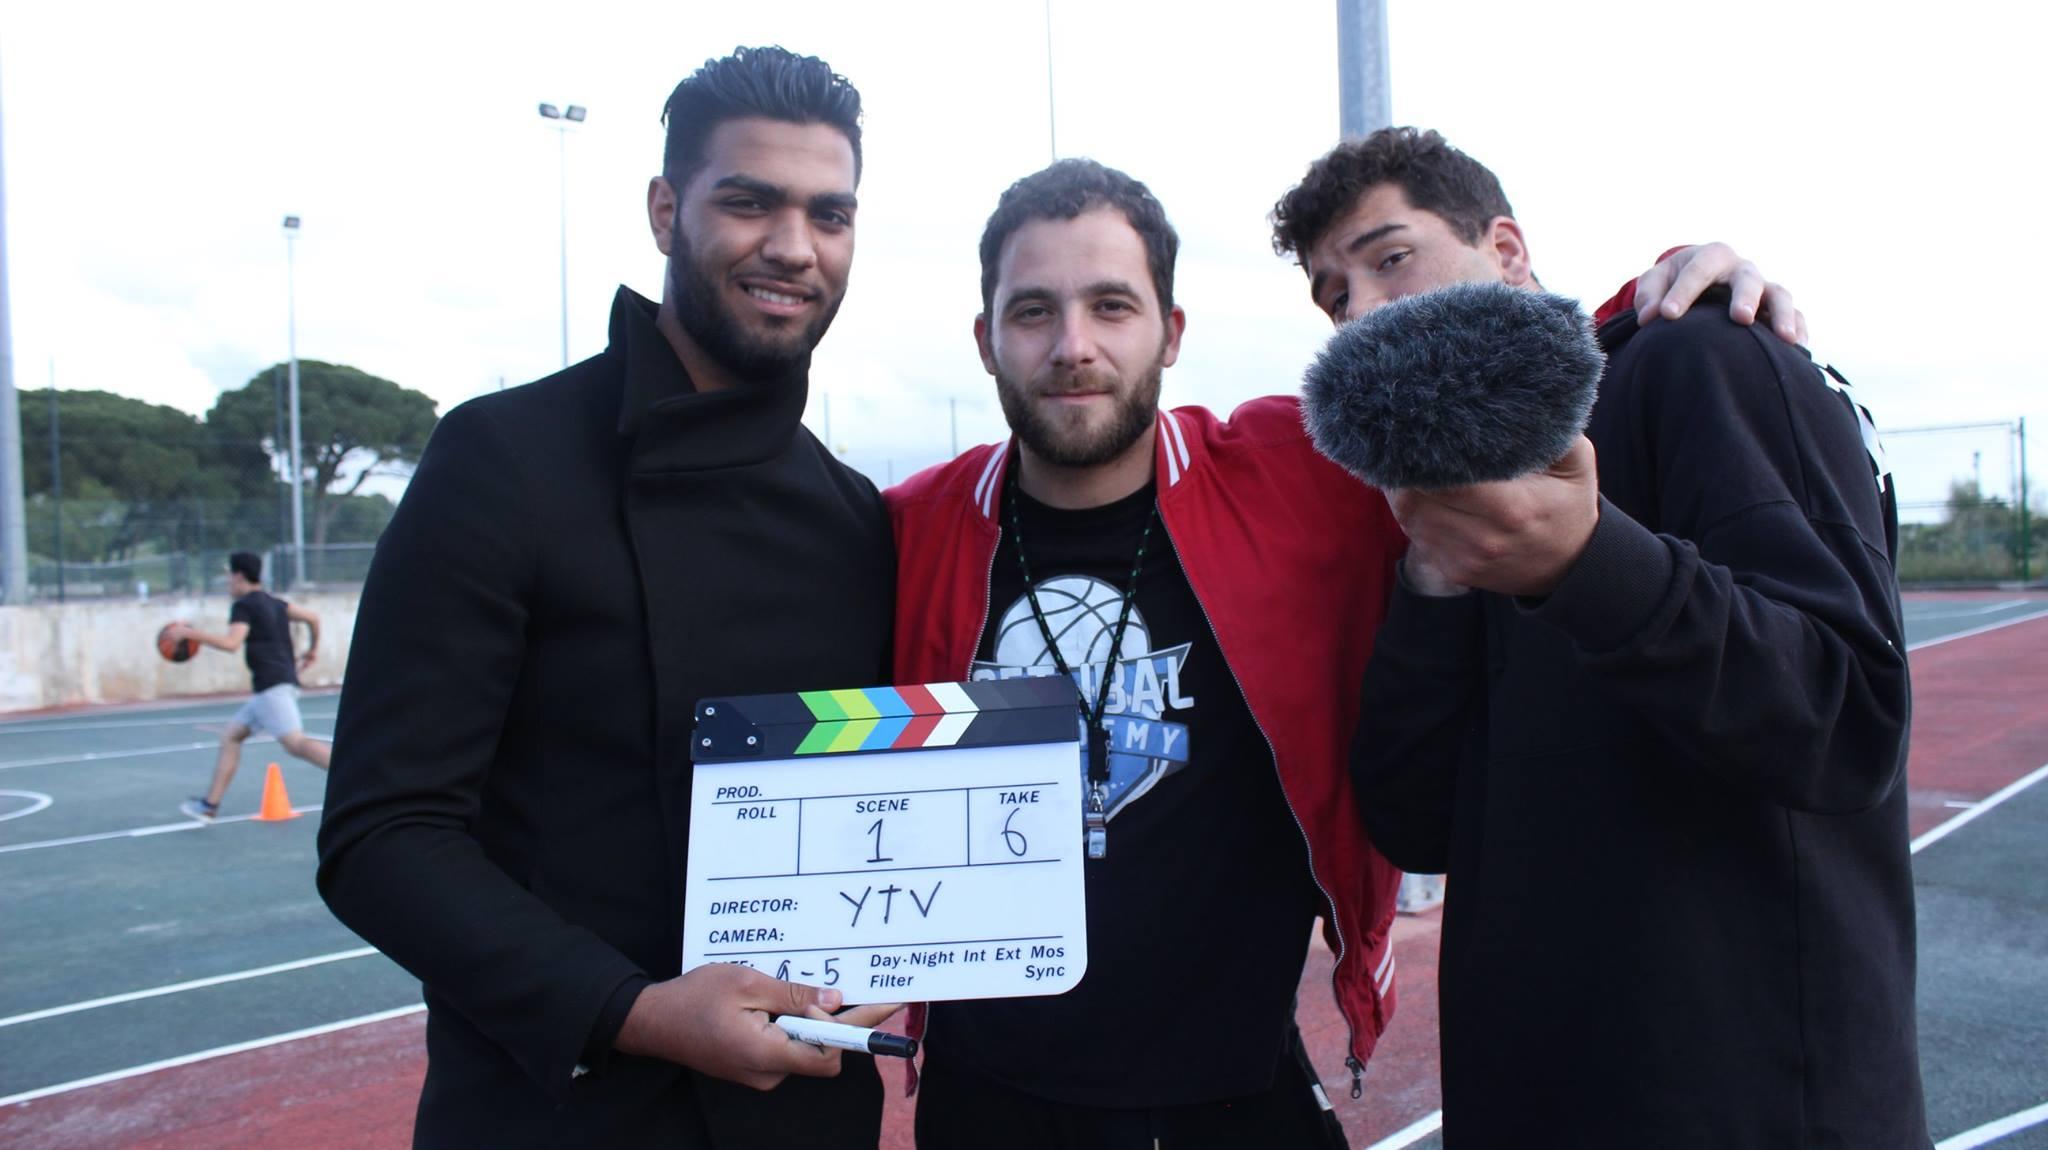 Projeto Ytv